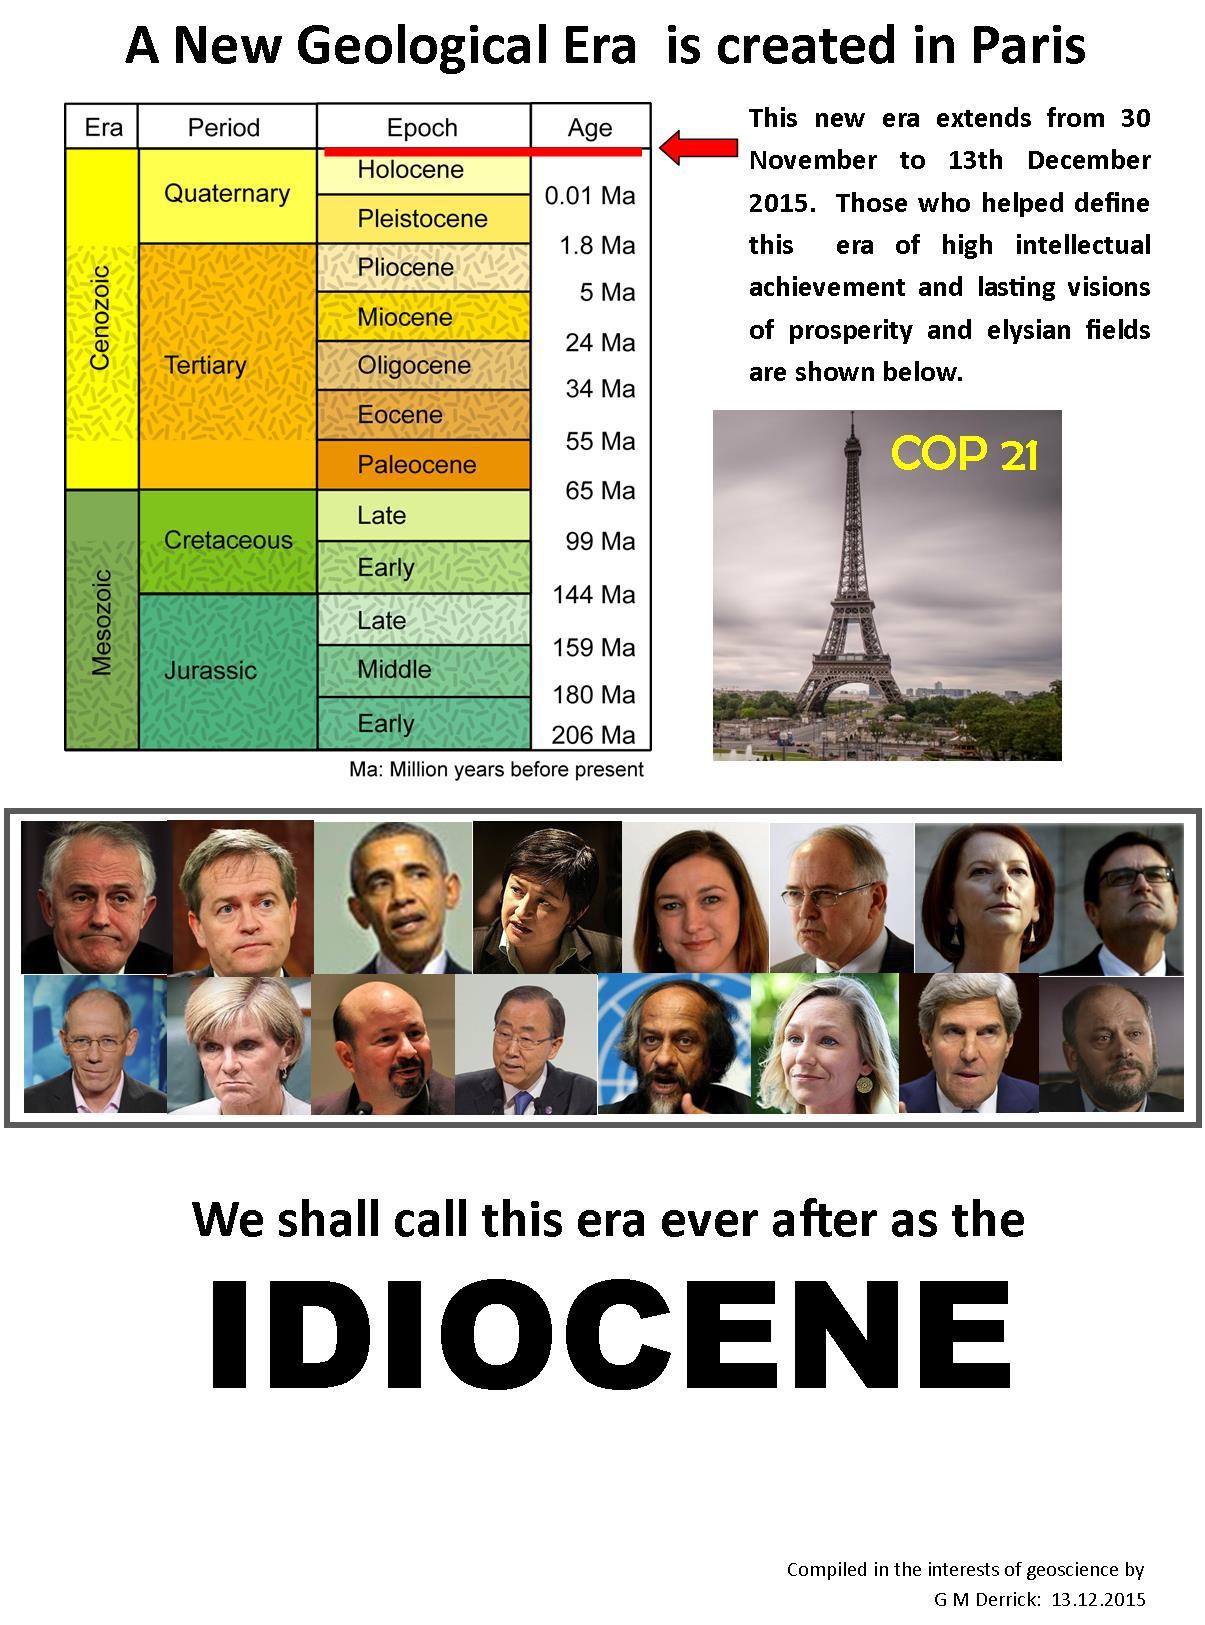 the-idiocene